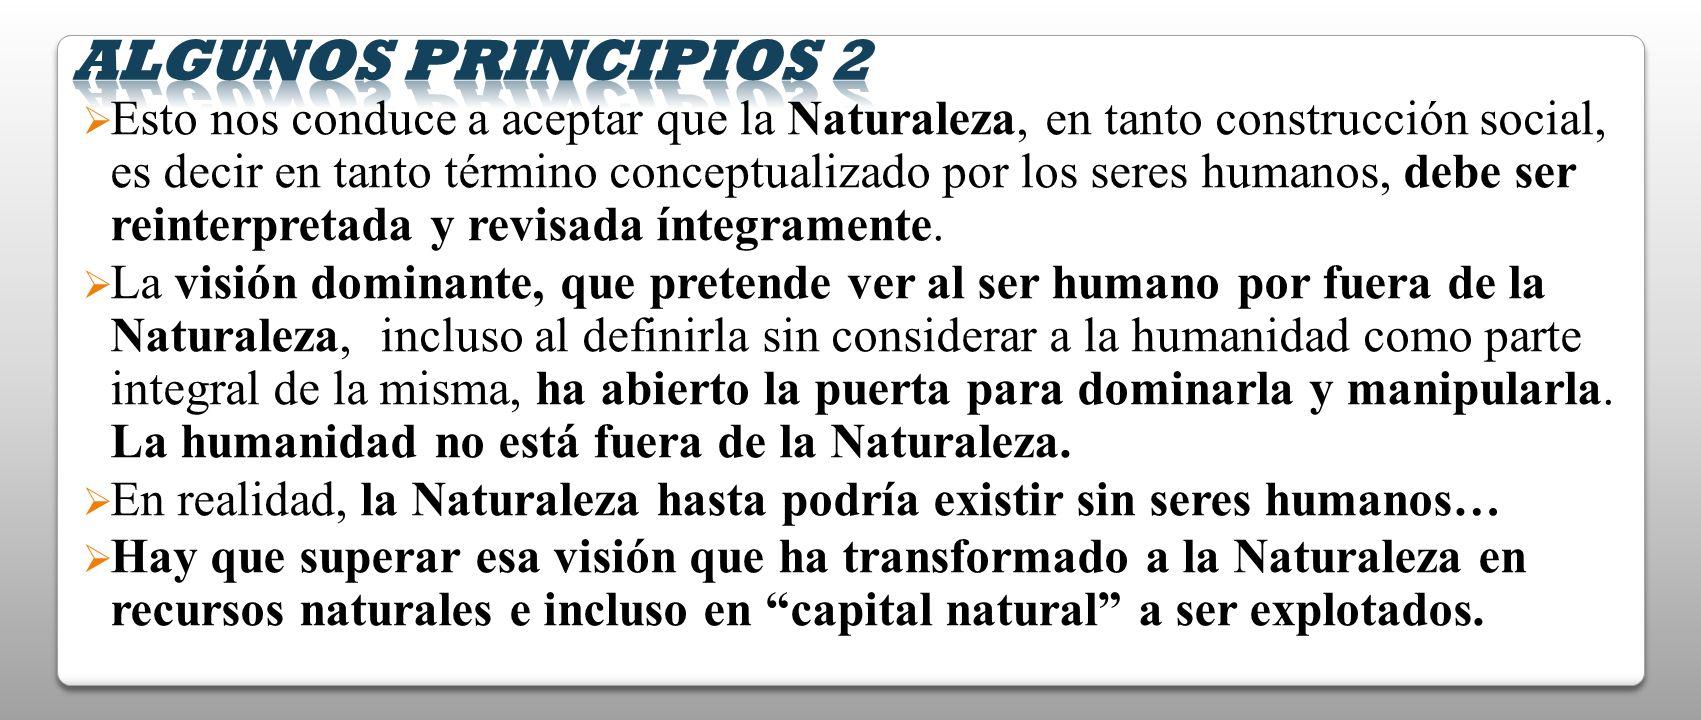 Esto nos conduce a aceptar que la Naturaleza, en tanto construcción social, es decir en tanto término conceptualizado por los seres humanos, debe ser